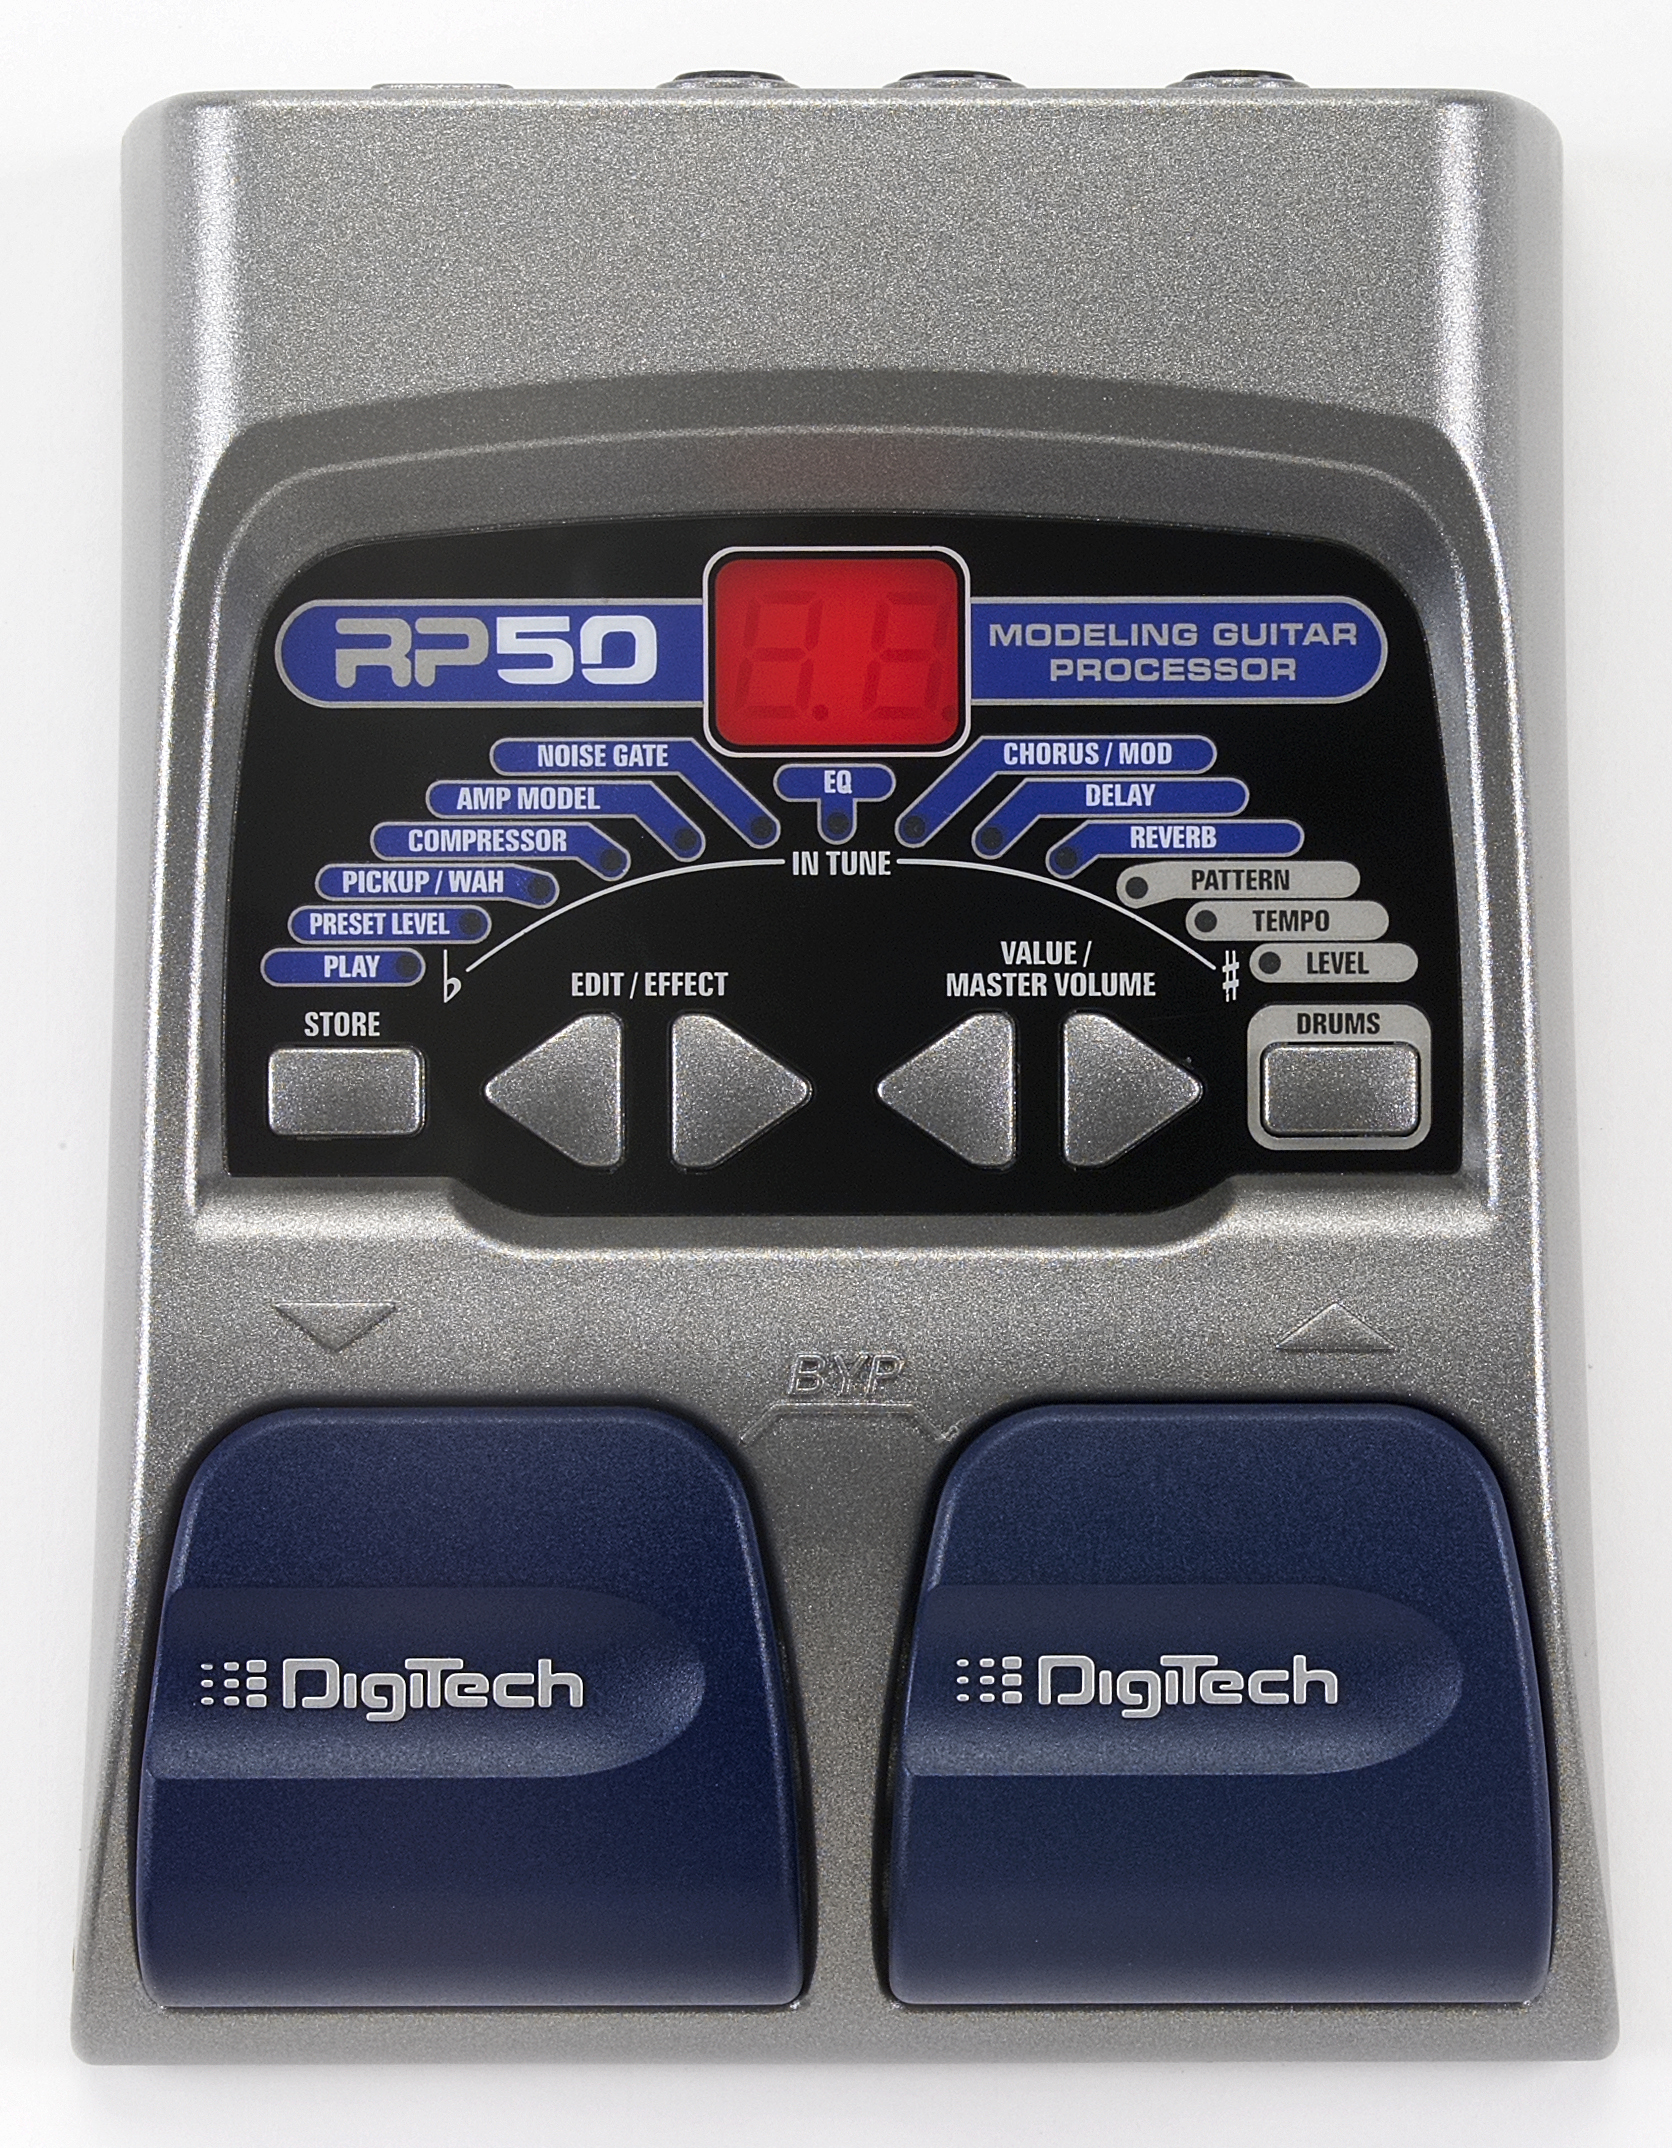 rp50 digitech guitar effects rh digitech com digitech rp50 manual pdf digitech rp50 manual español